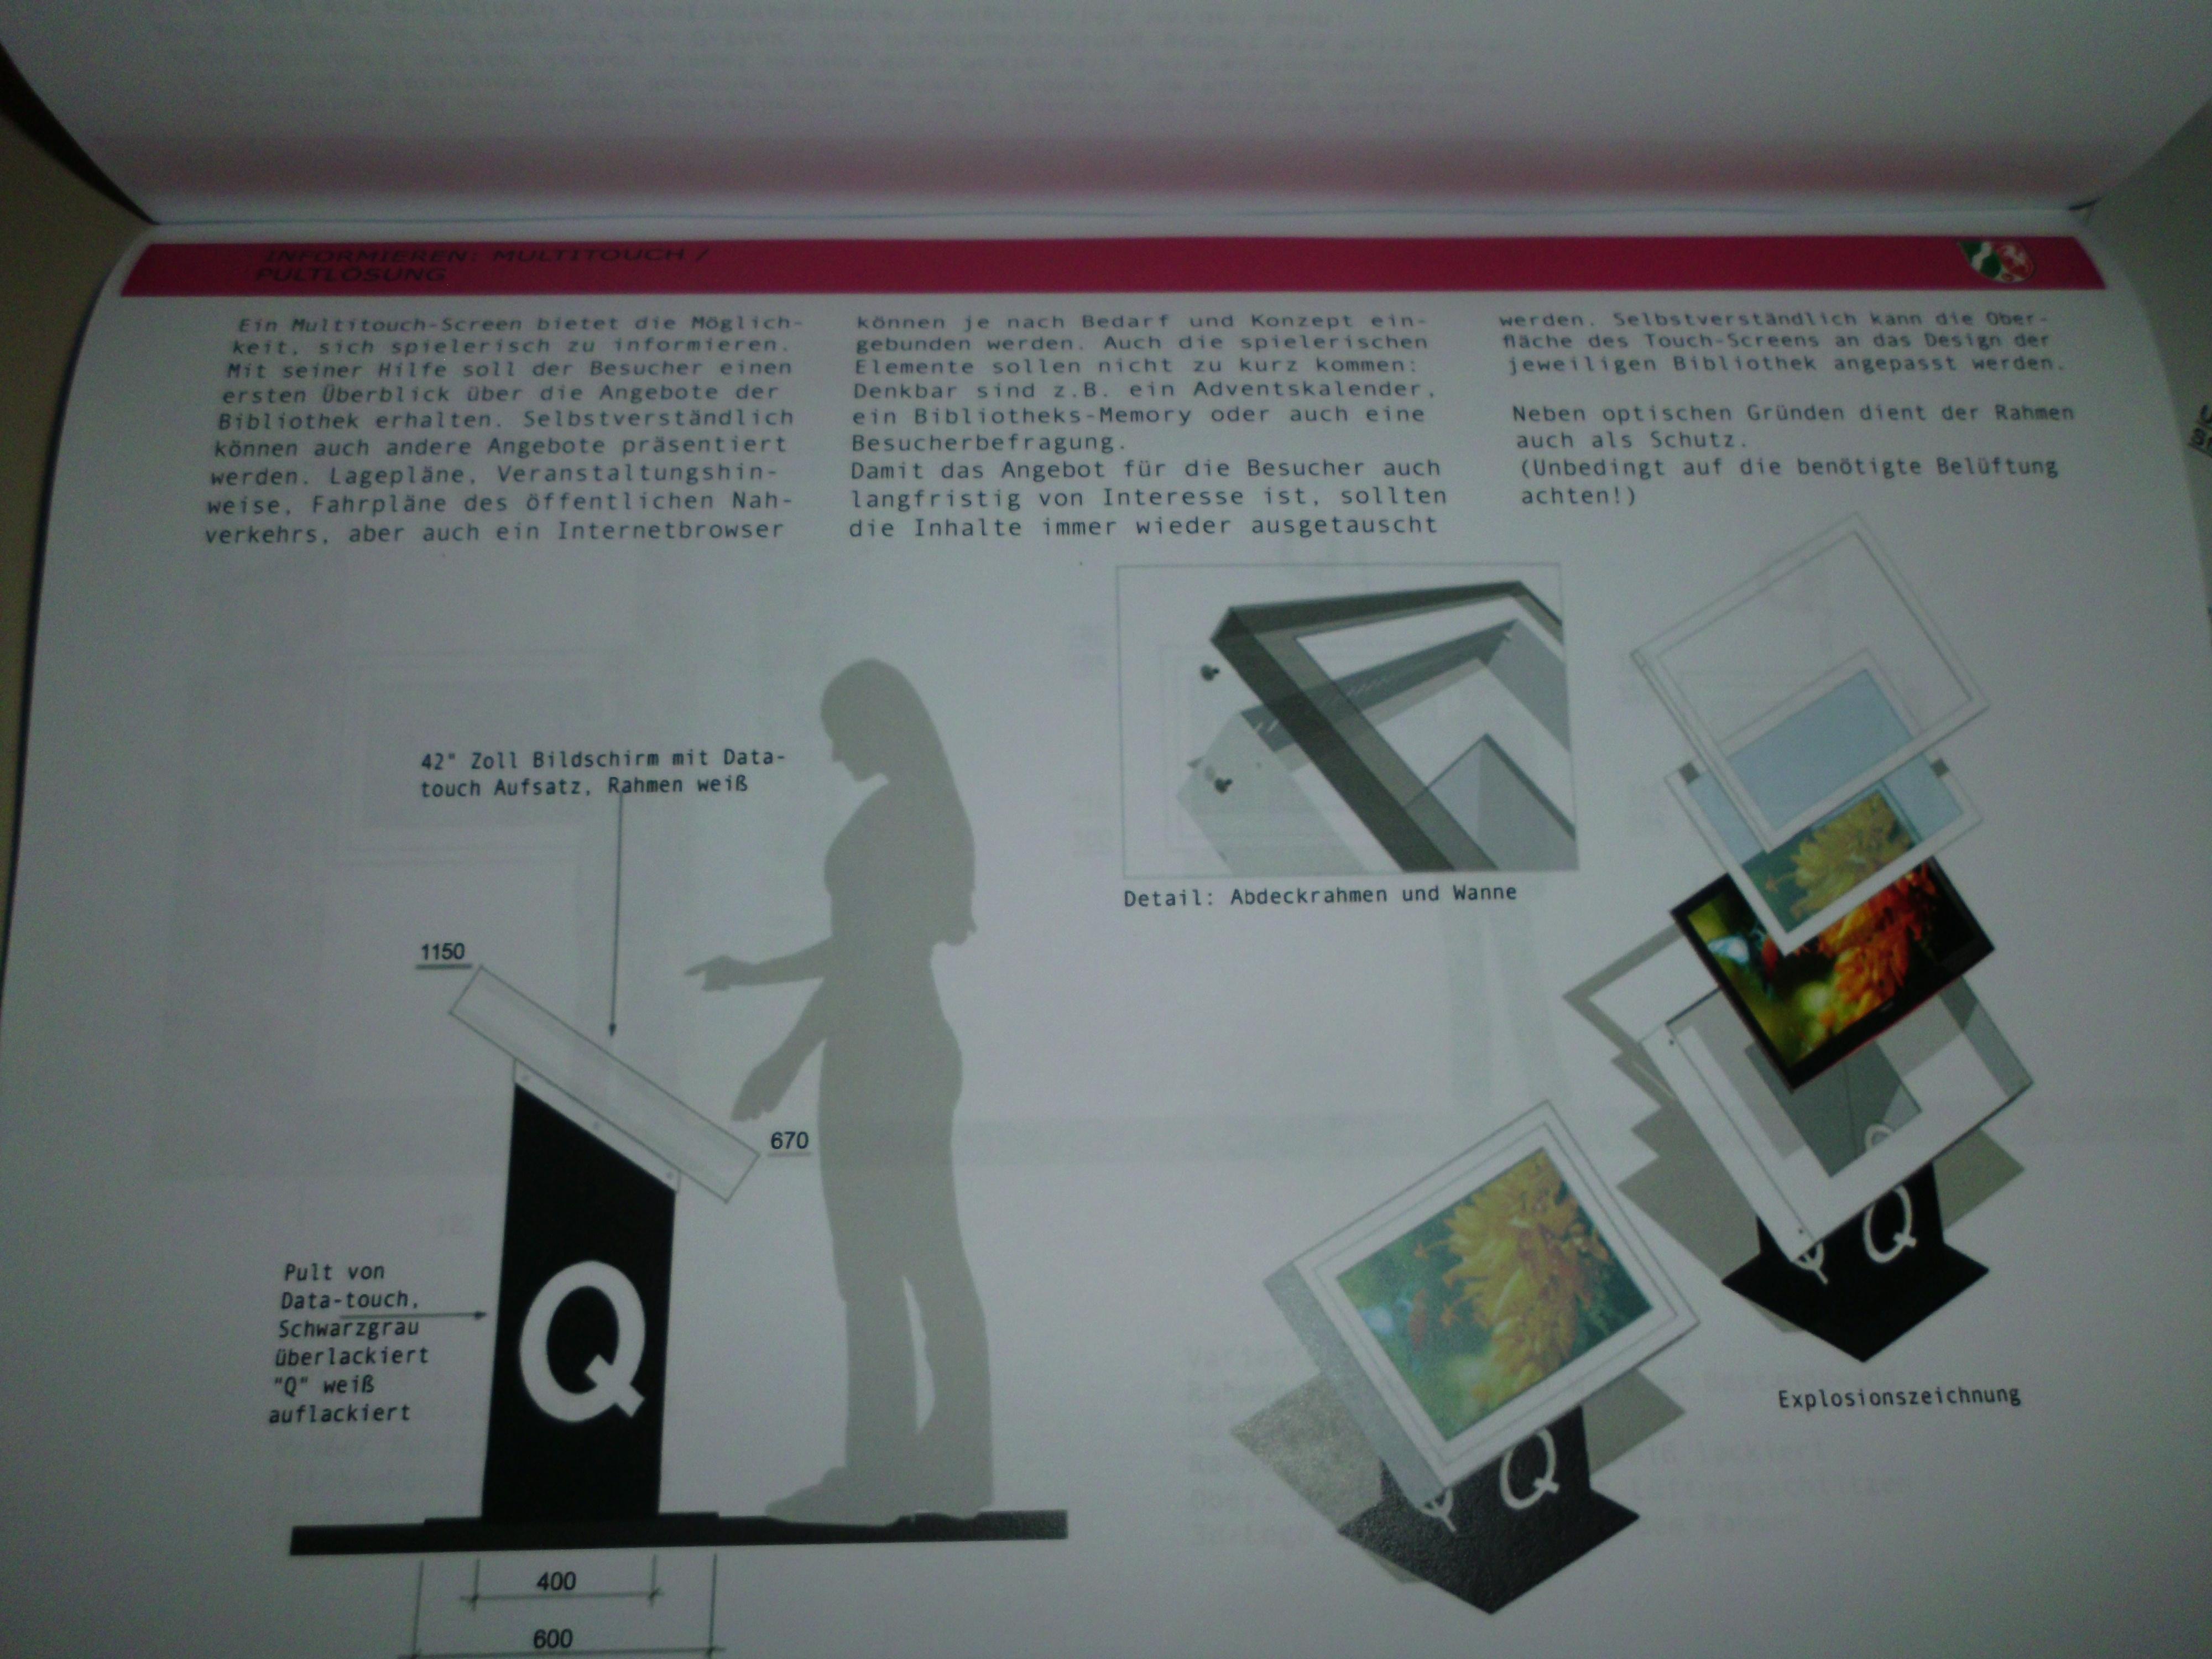 Touch  aus Q-thek NRW 2011